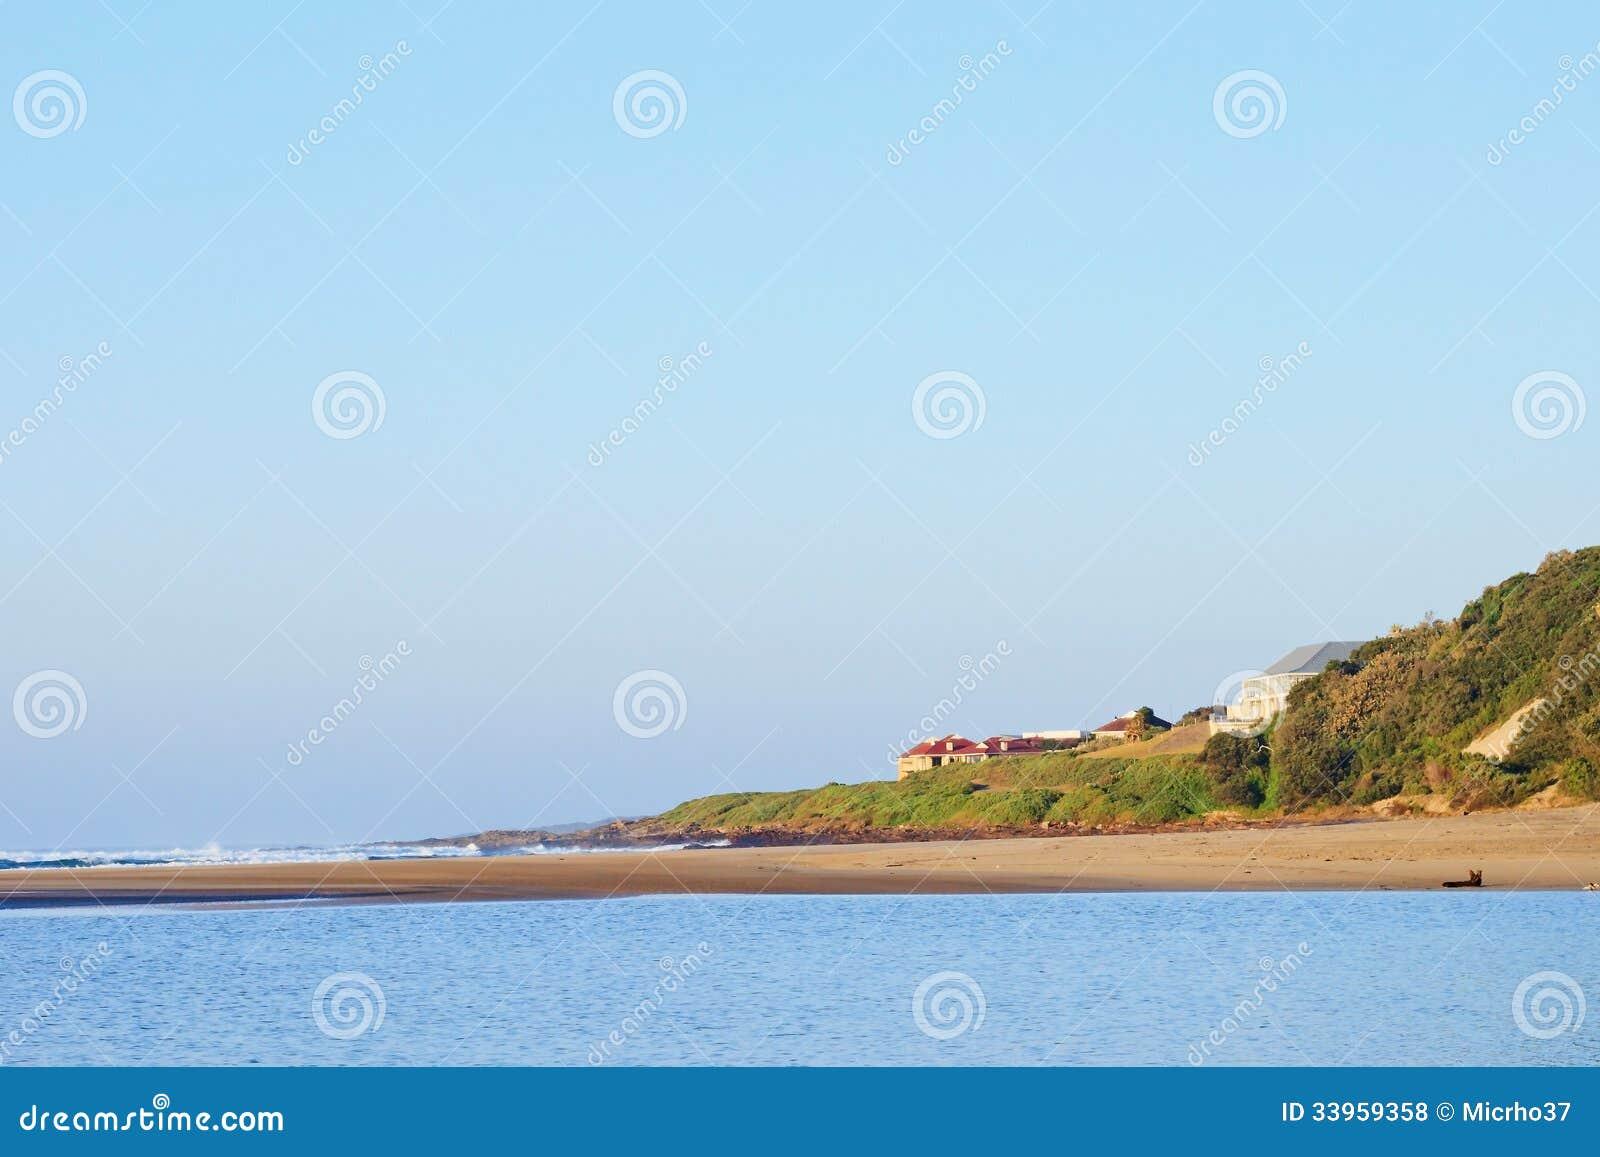 Beach houses royalty free stock photos image 33959358 for Beach houses on the east coast